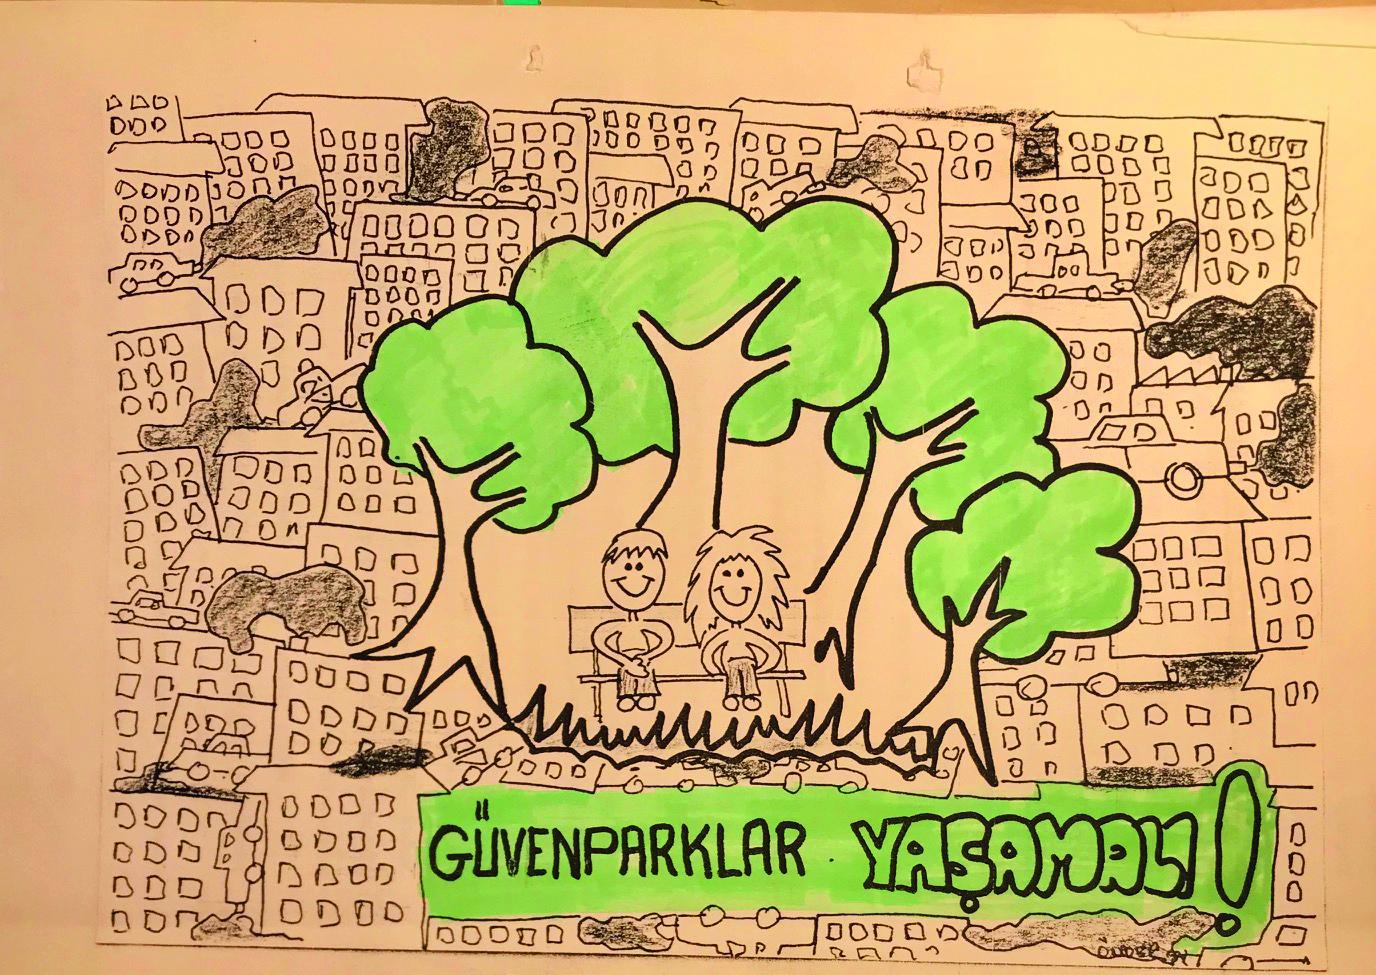 Türkiye'de yeşil hareketin filizlenmesinin hikâyesi ve 30 yıl  sonra yeniden 'Otopark değil Güvenpark' deme zamanı